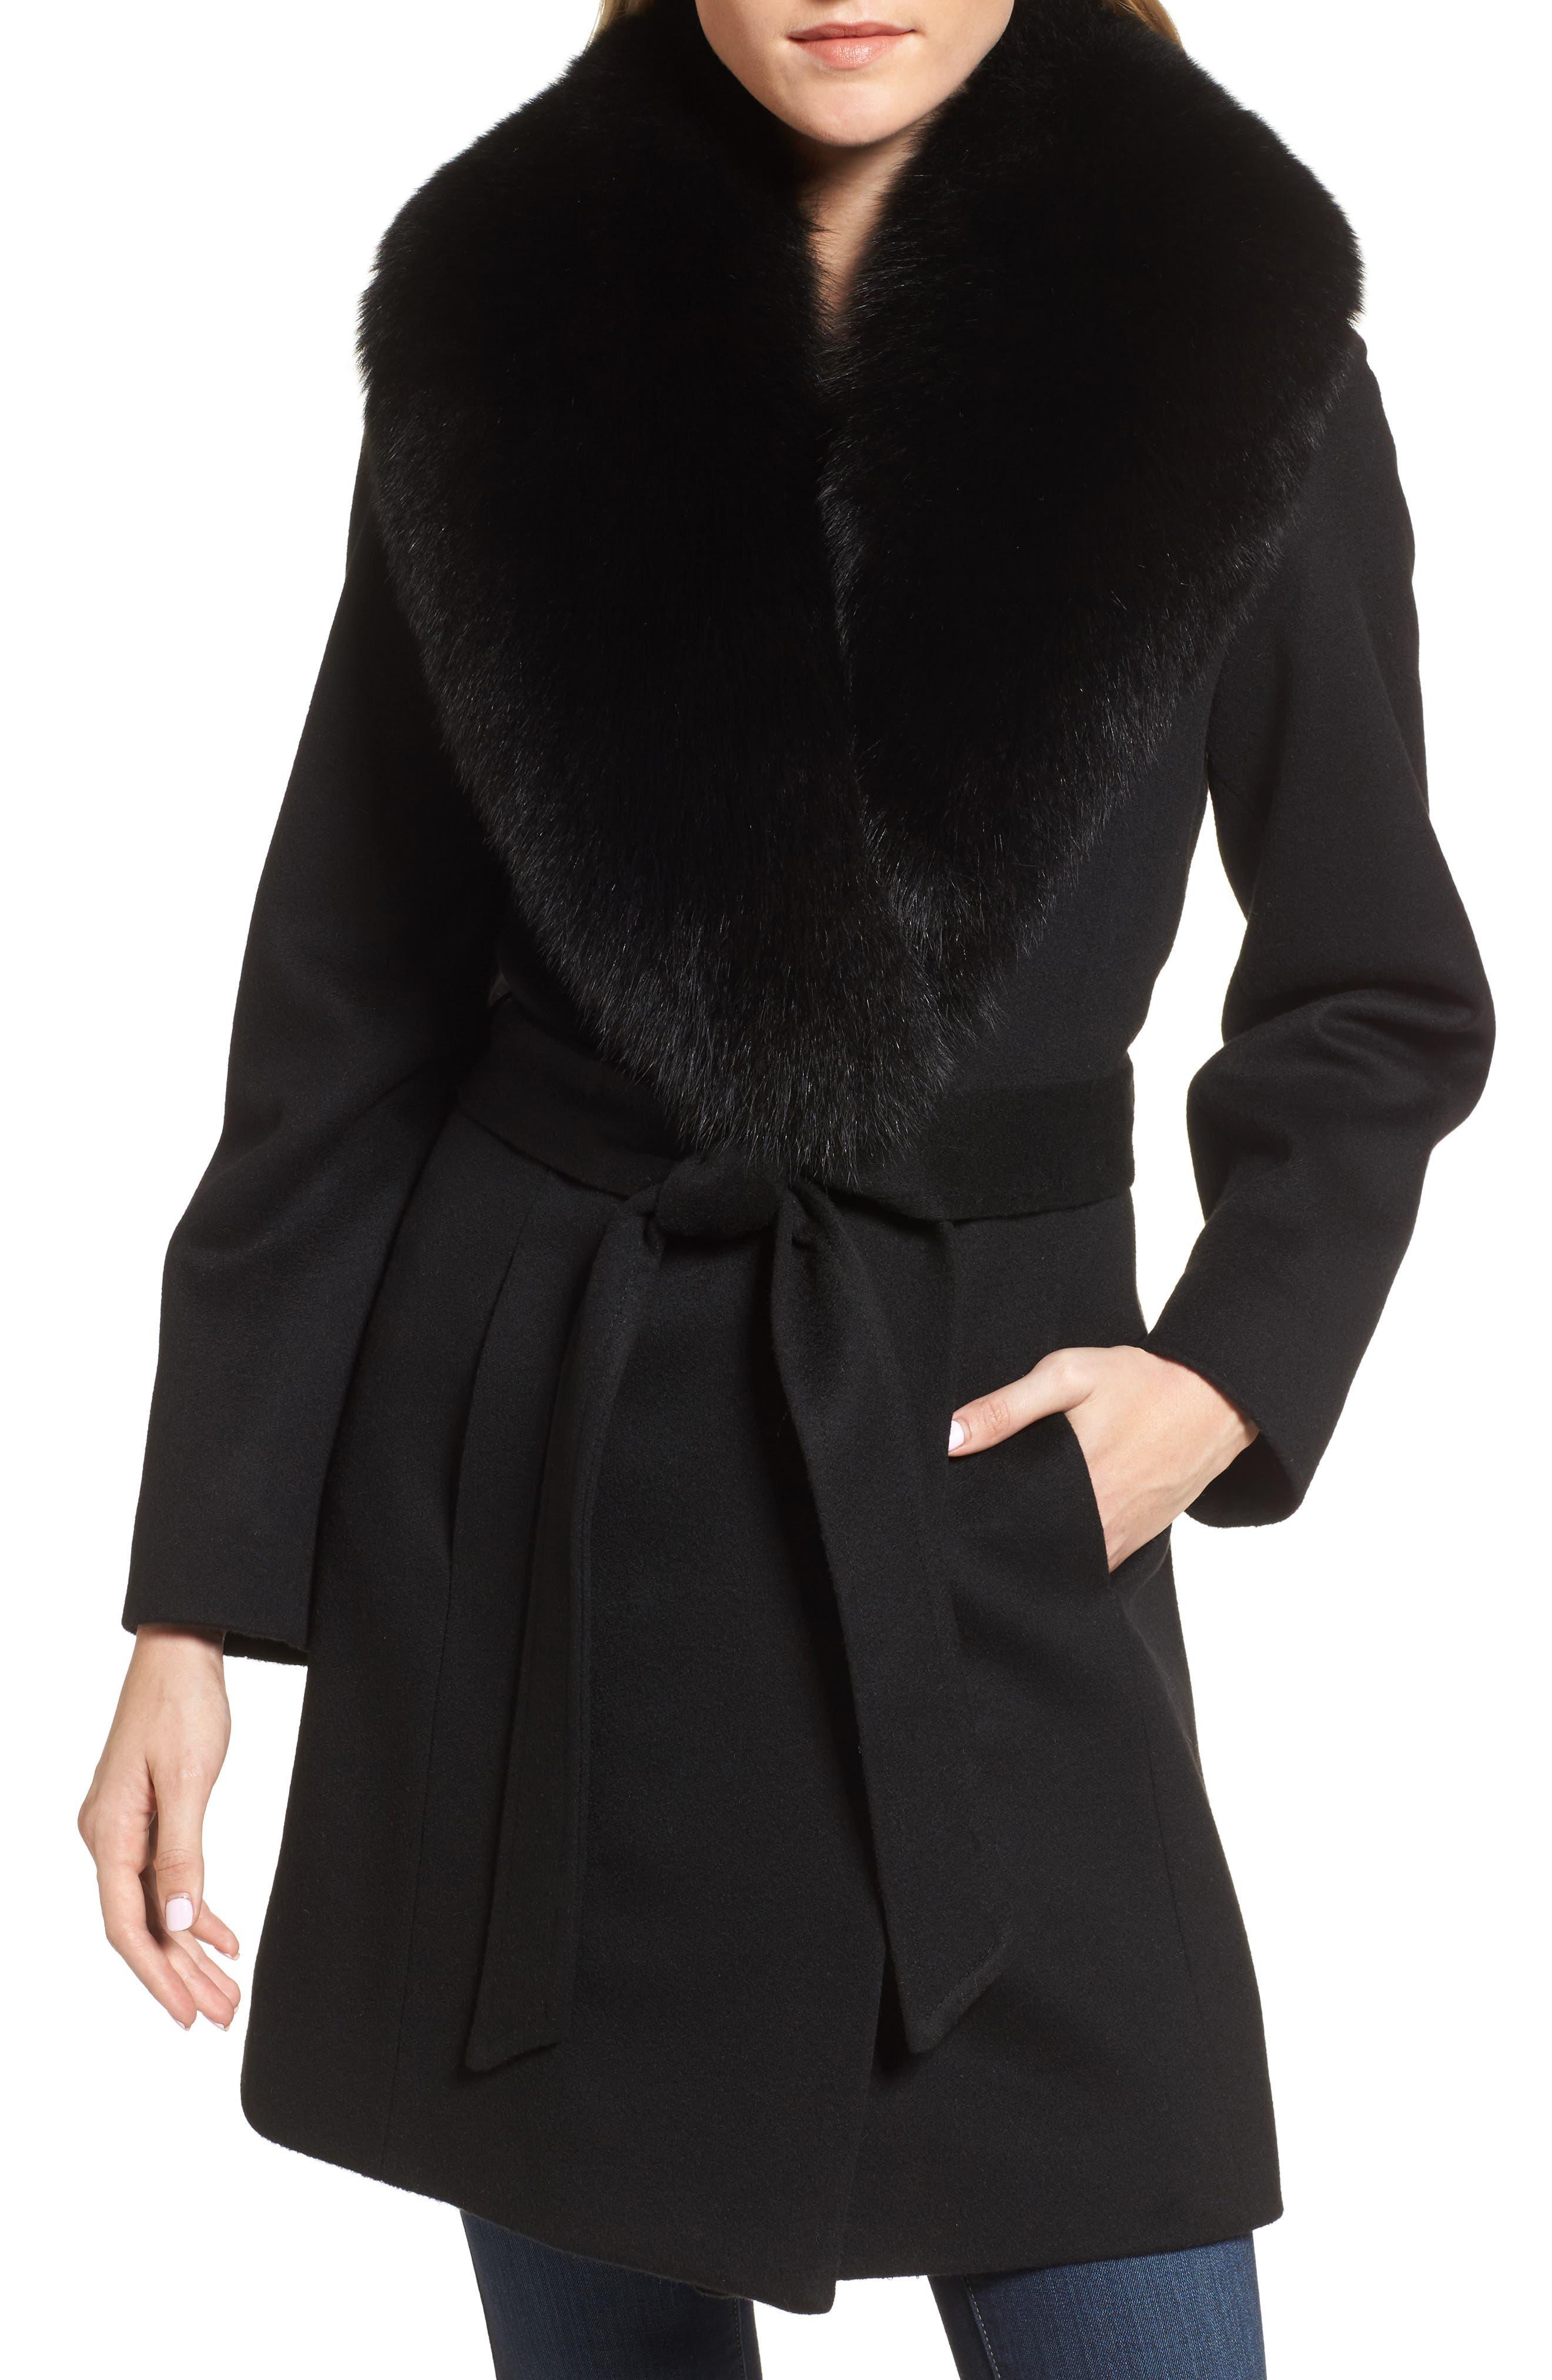 Genuine Fox Fur Lapel Wool & Cashmere Wrap Coat,                             Main thumbnail 1, color,                             001